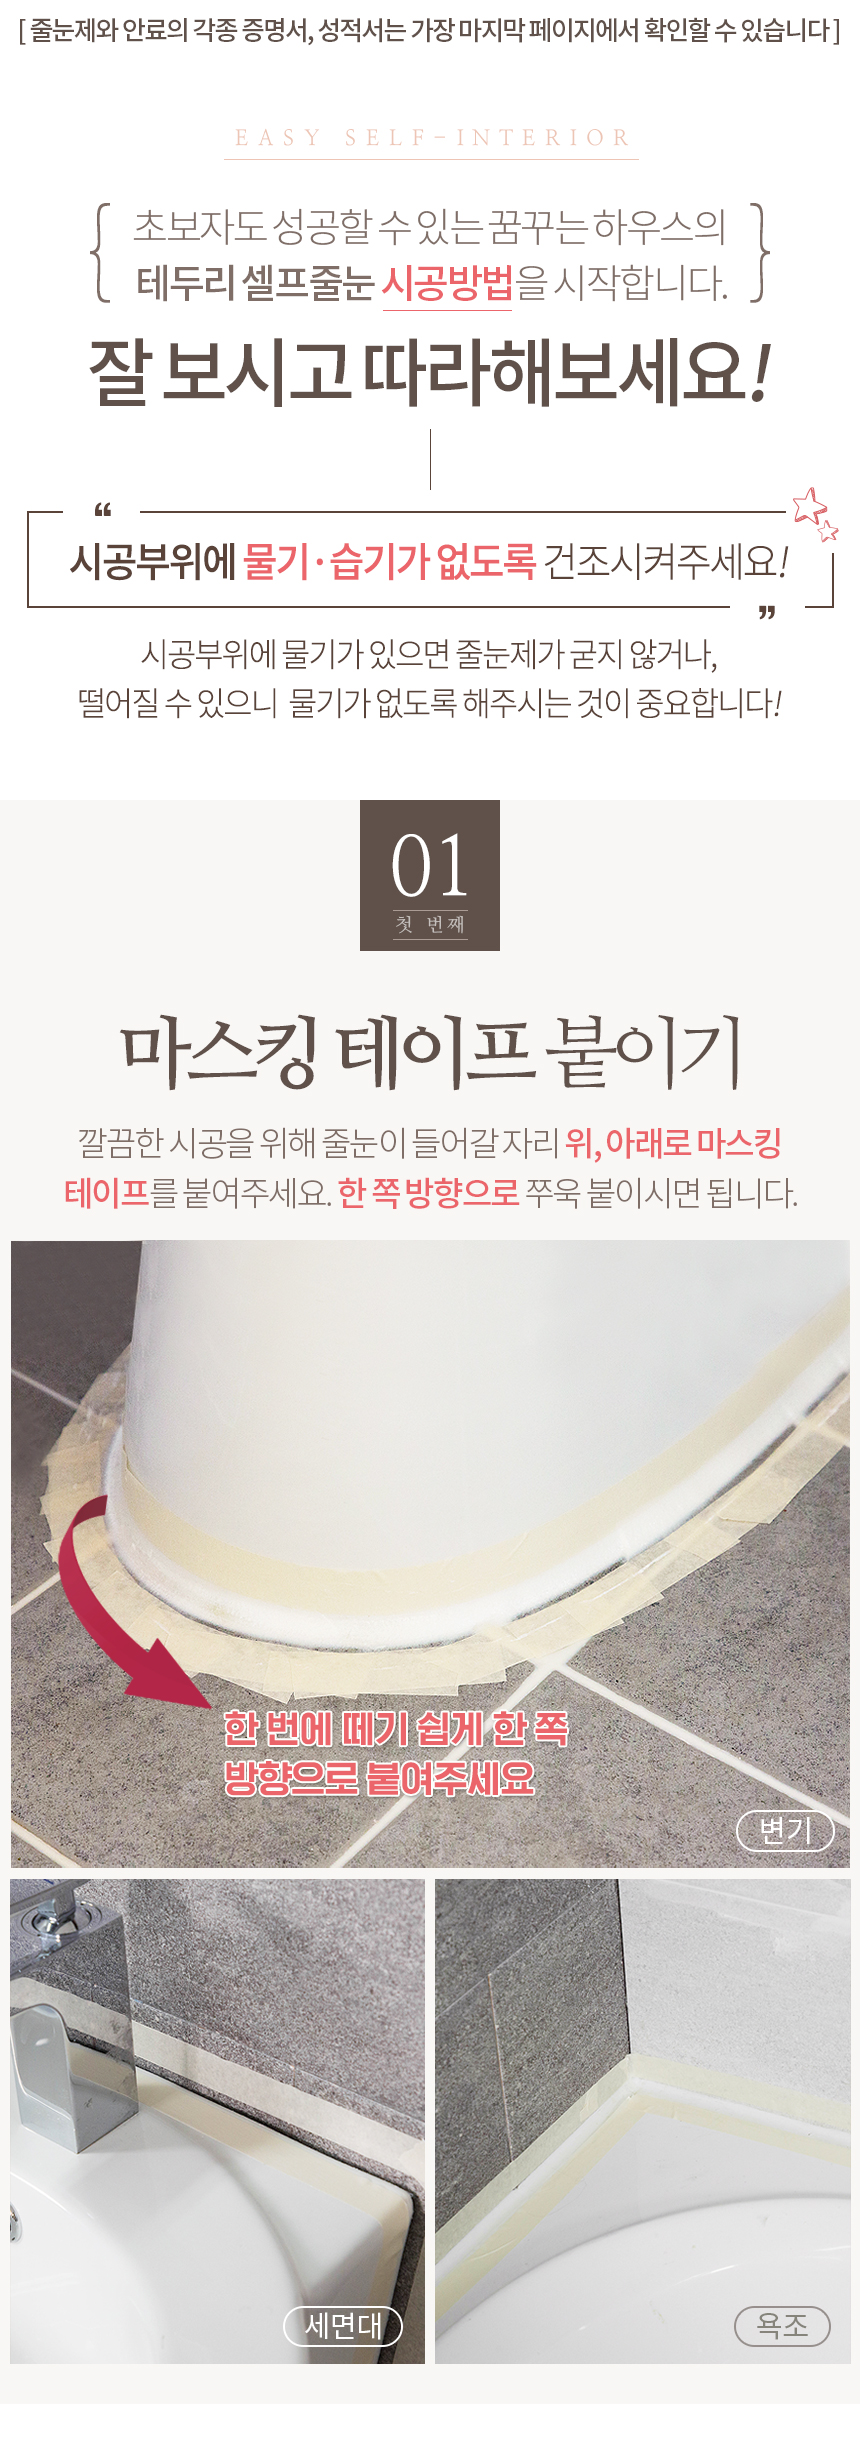 샤이니 셀프줄눈 코팅제 - 테두리용 - 꿈꾸는하우스, 13,700원, 타일, 인테리어타일